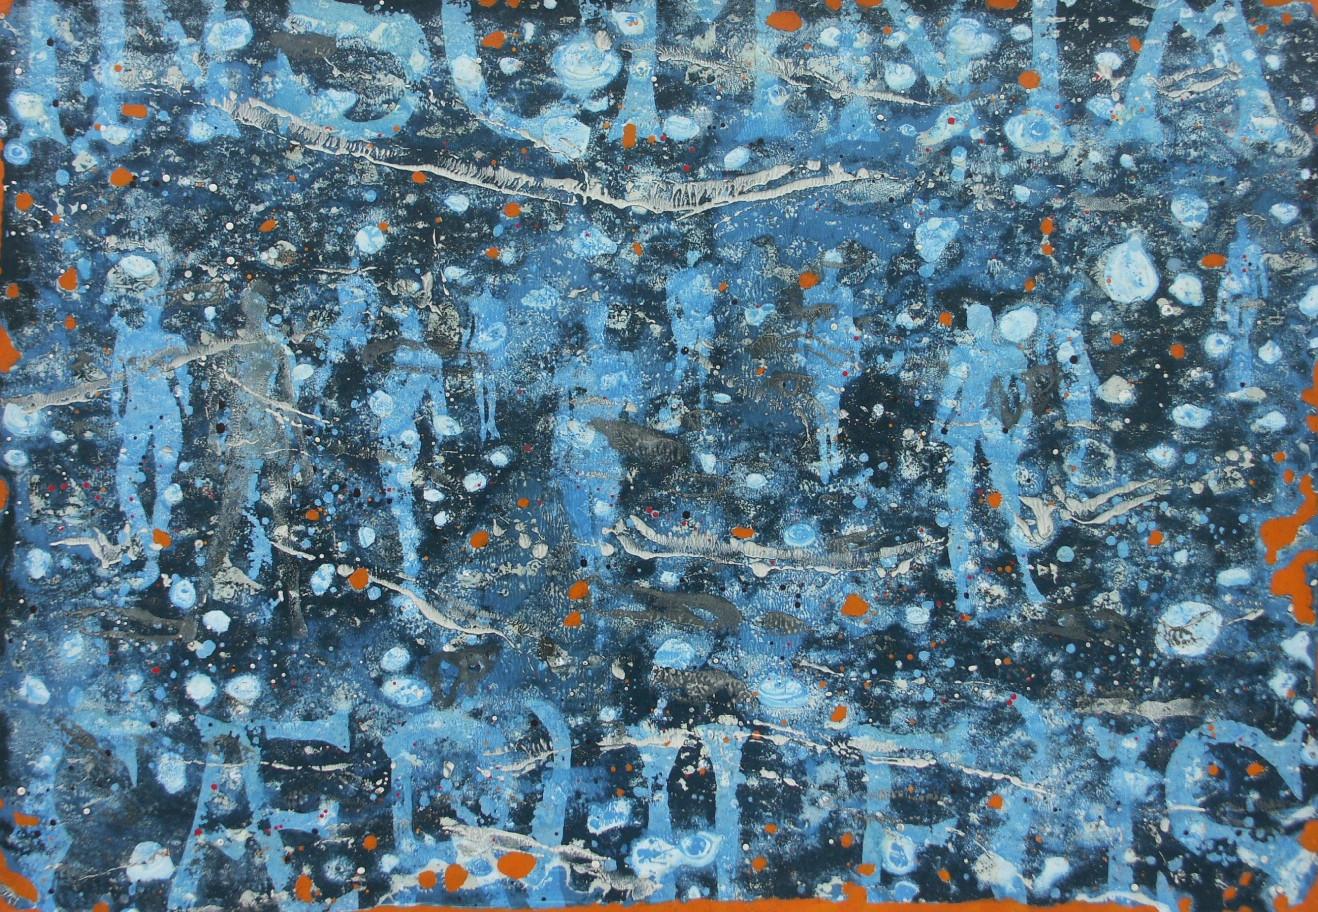 2-Emergents-2009-Huile sur toile-70x100c